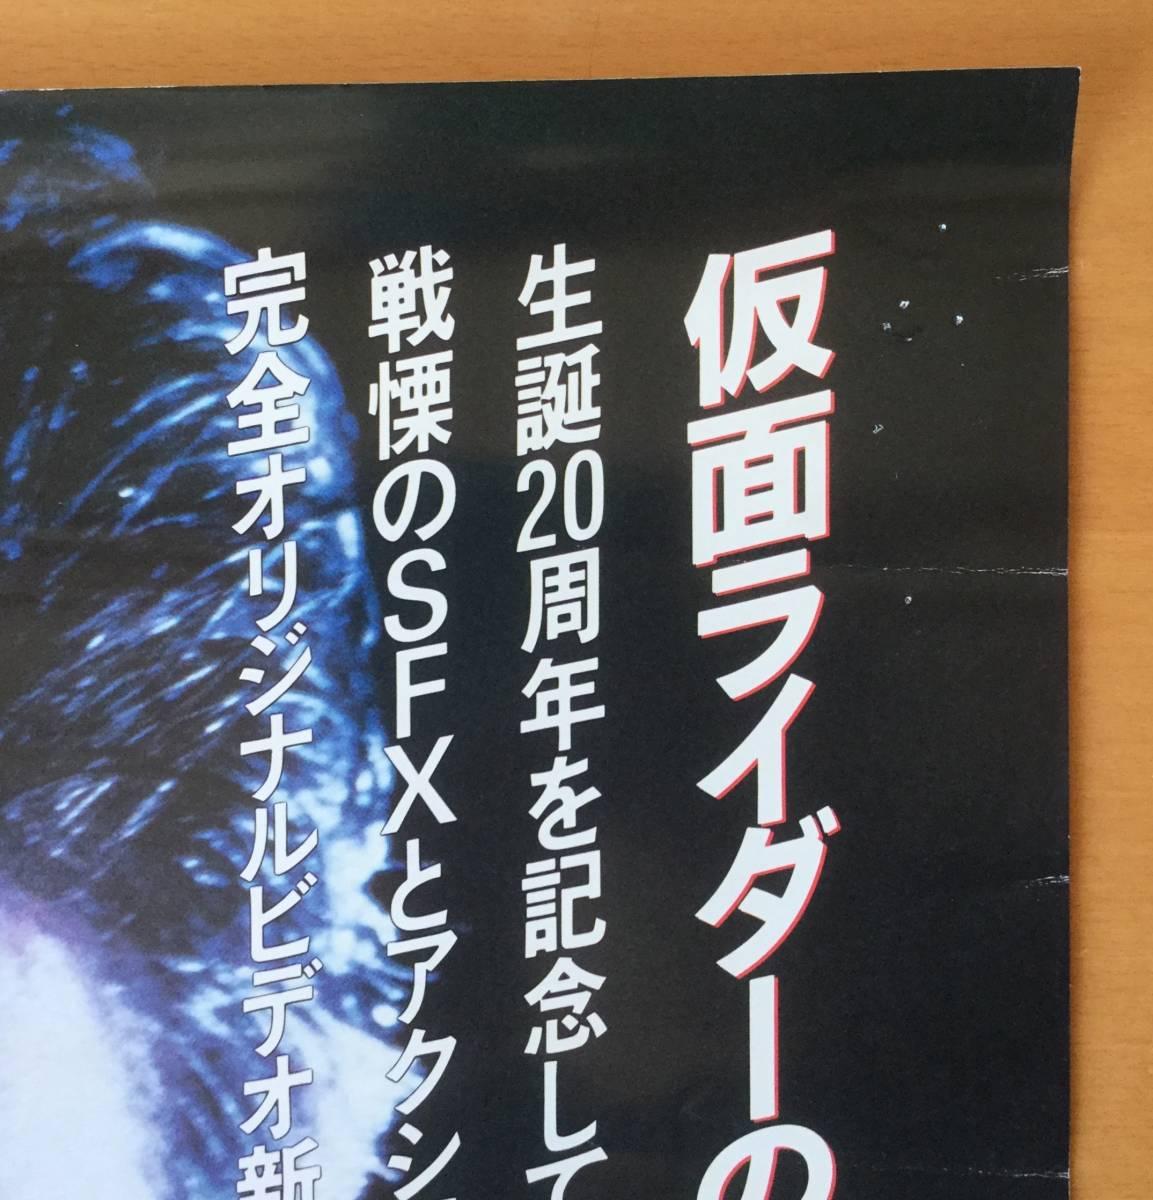 真仮面ライダー序章/B2ポスター 石ノ森章太郎_画像2